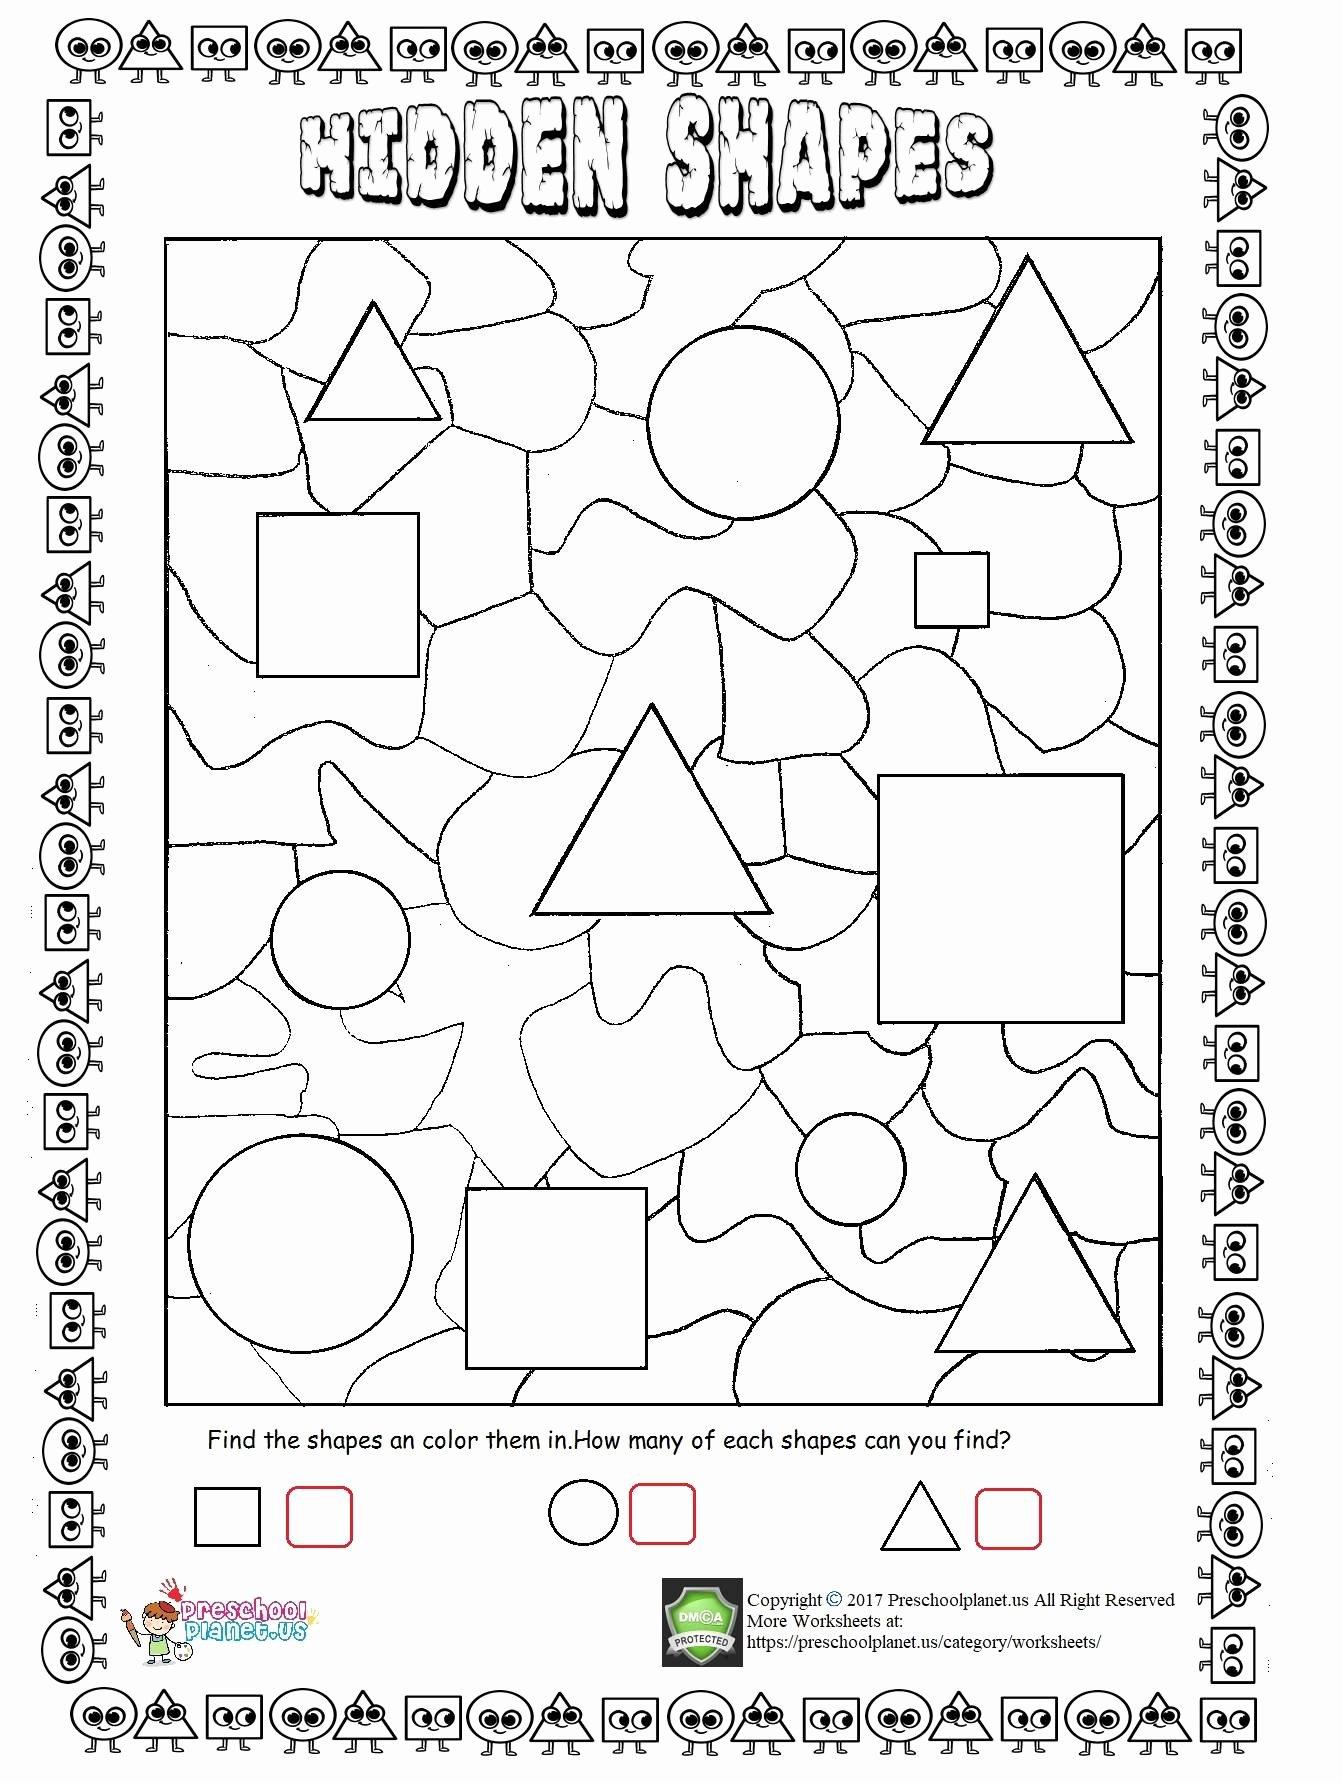 Hidden Picture Worksheets for Preschoolers Awesome Worksheets Hidden Shapes Worksheet Preschoolplanet Create